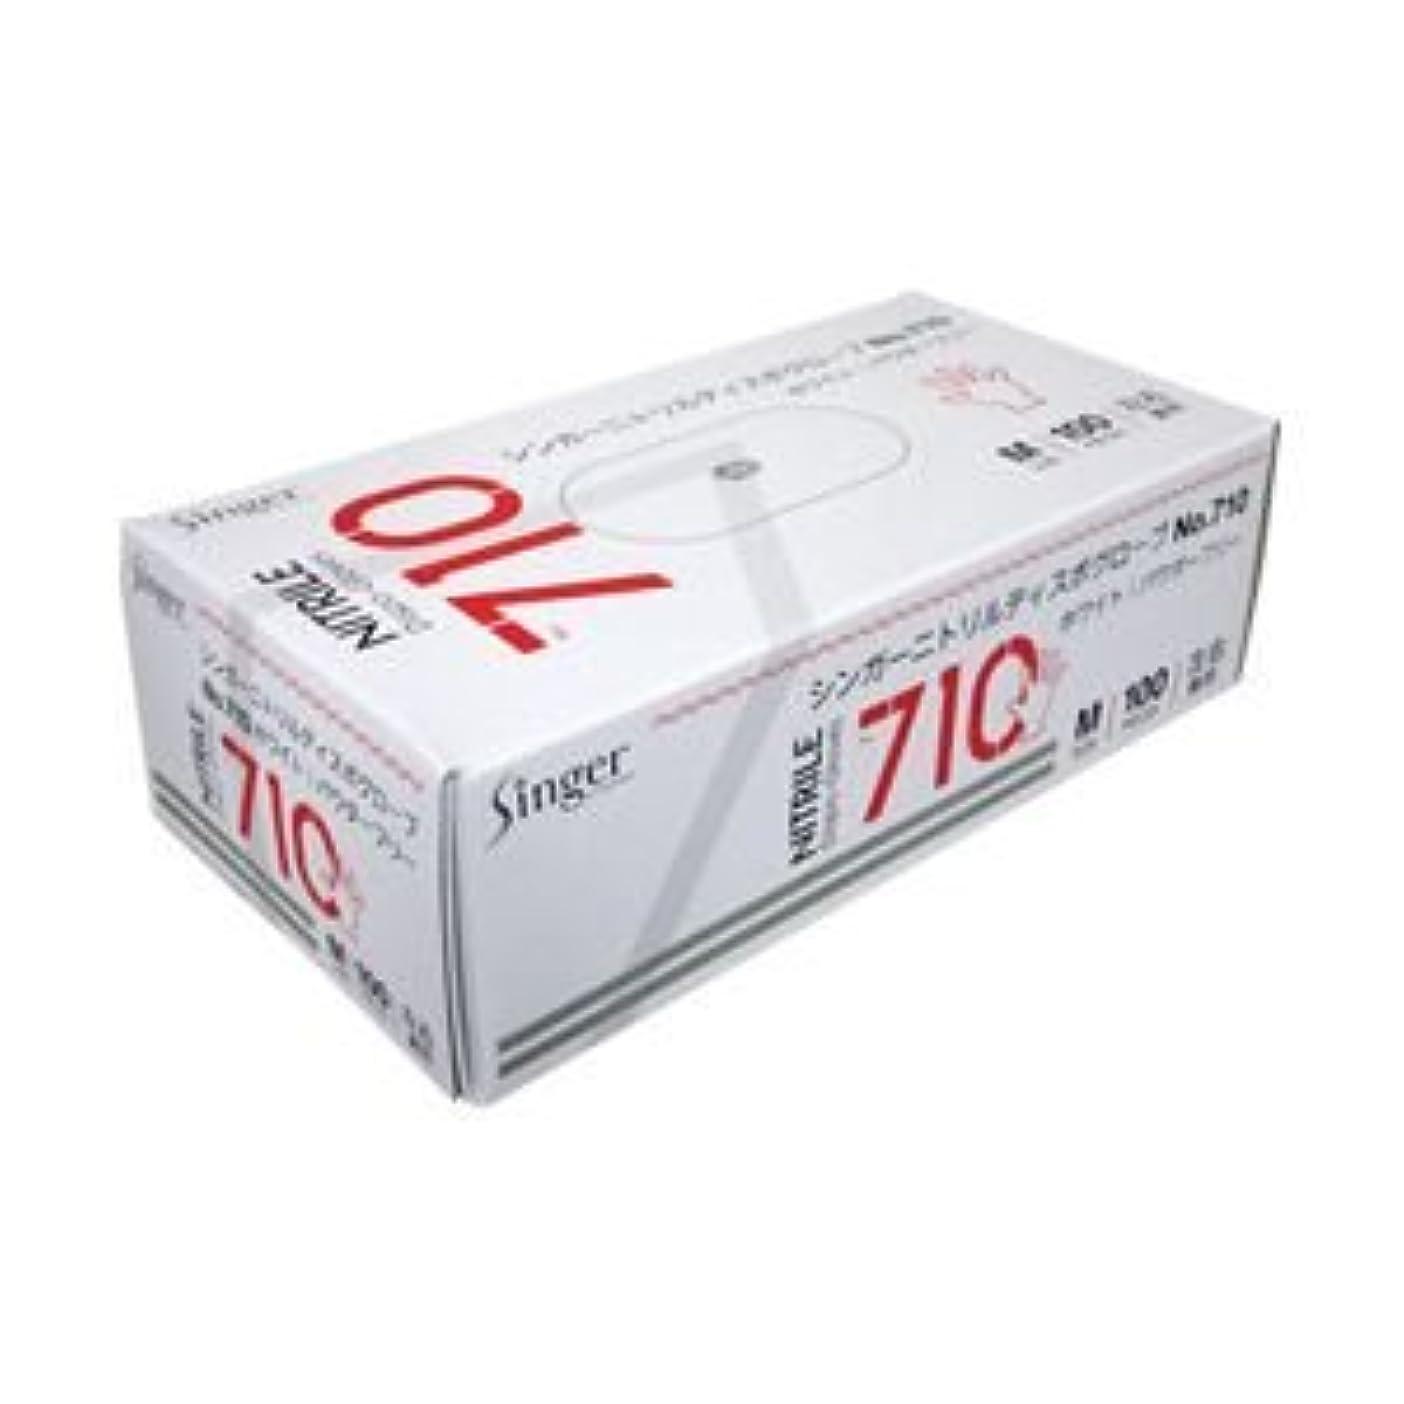 天井雇った社交的宇都宮製作 ニトリル手袋710 粉なし M 1箱(100枚) ×5セット